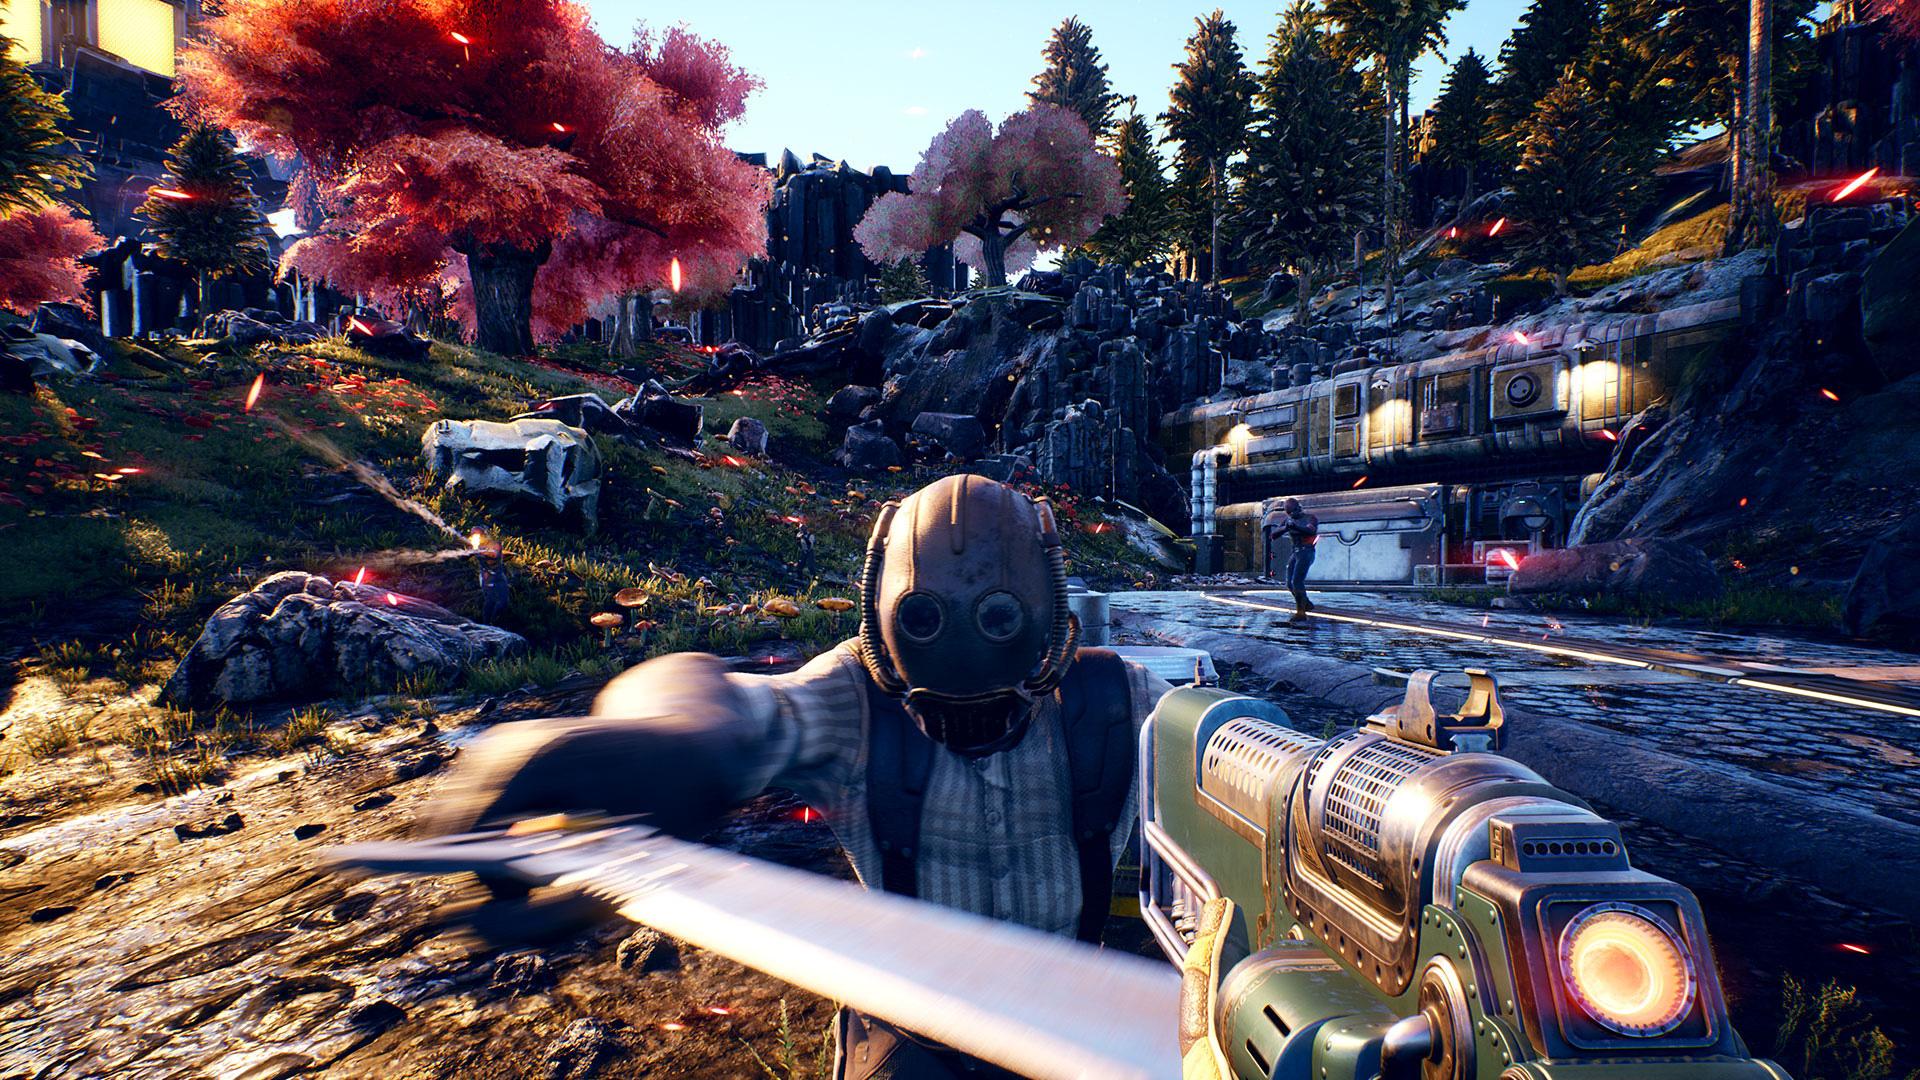 """""""The Outer Worlds"""": Das neue Rollenspiel von Obsidian erinnert an die """"Fallout""""-Serie. Kein Wunder: Mit Titeln wie """"New Vegas"""" ist das inzwischen zu Microsoft gehörende Studio in der """"Fallout""""-Reihe verwurzelt."""